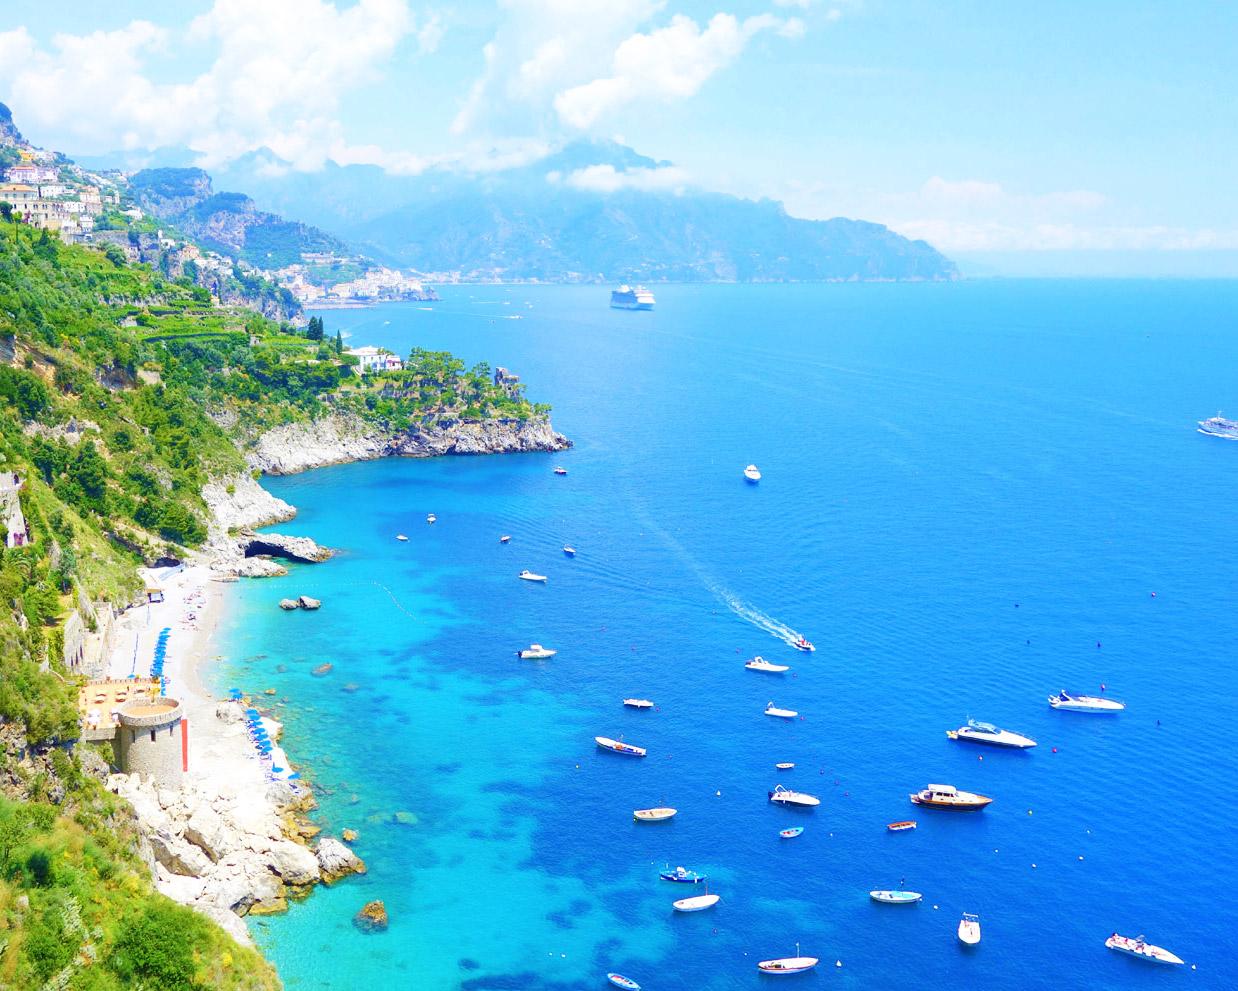 le più belle spiagge della costiera amalfitana